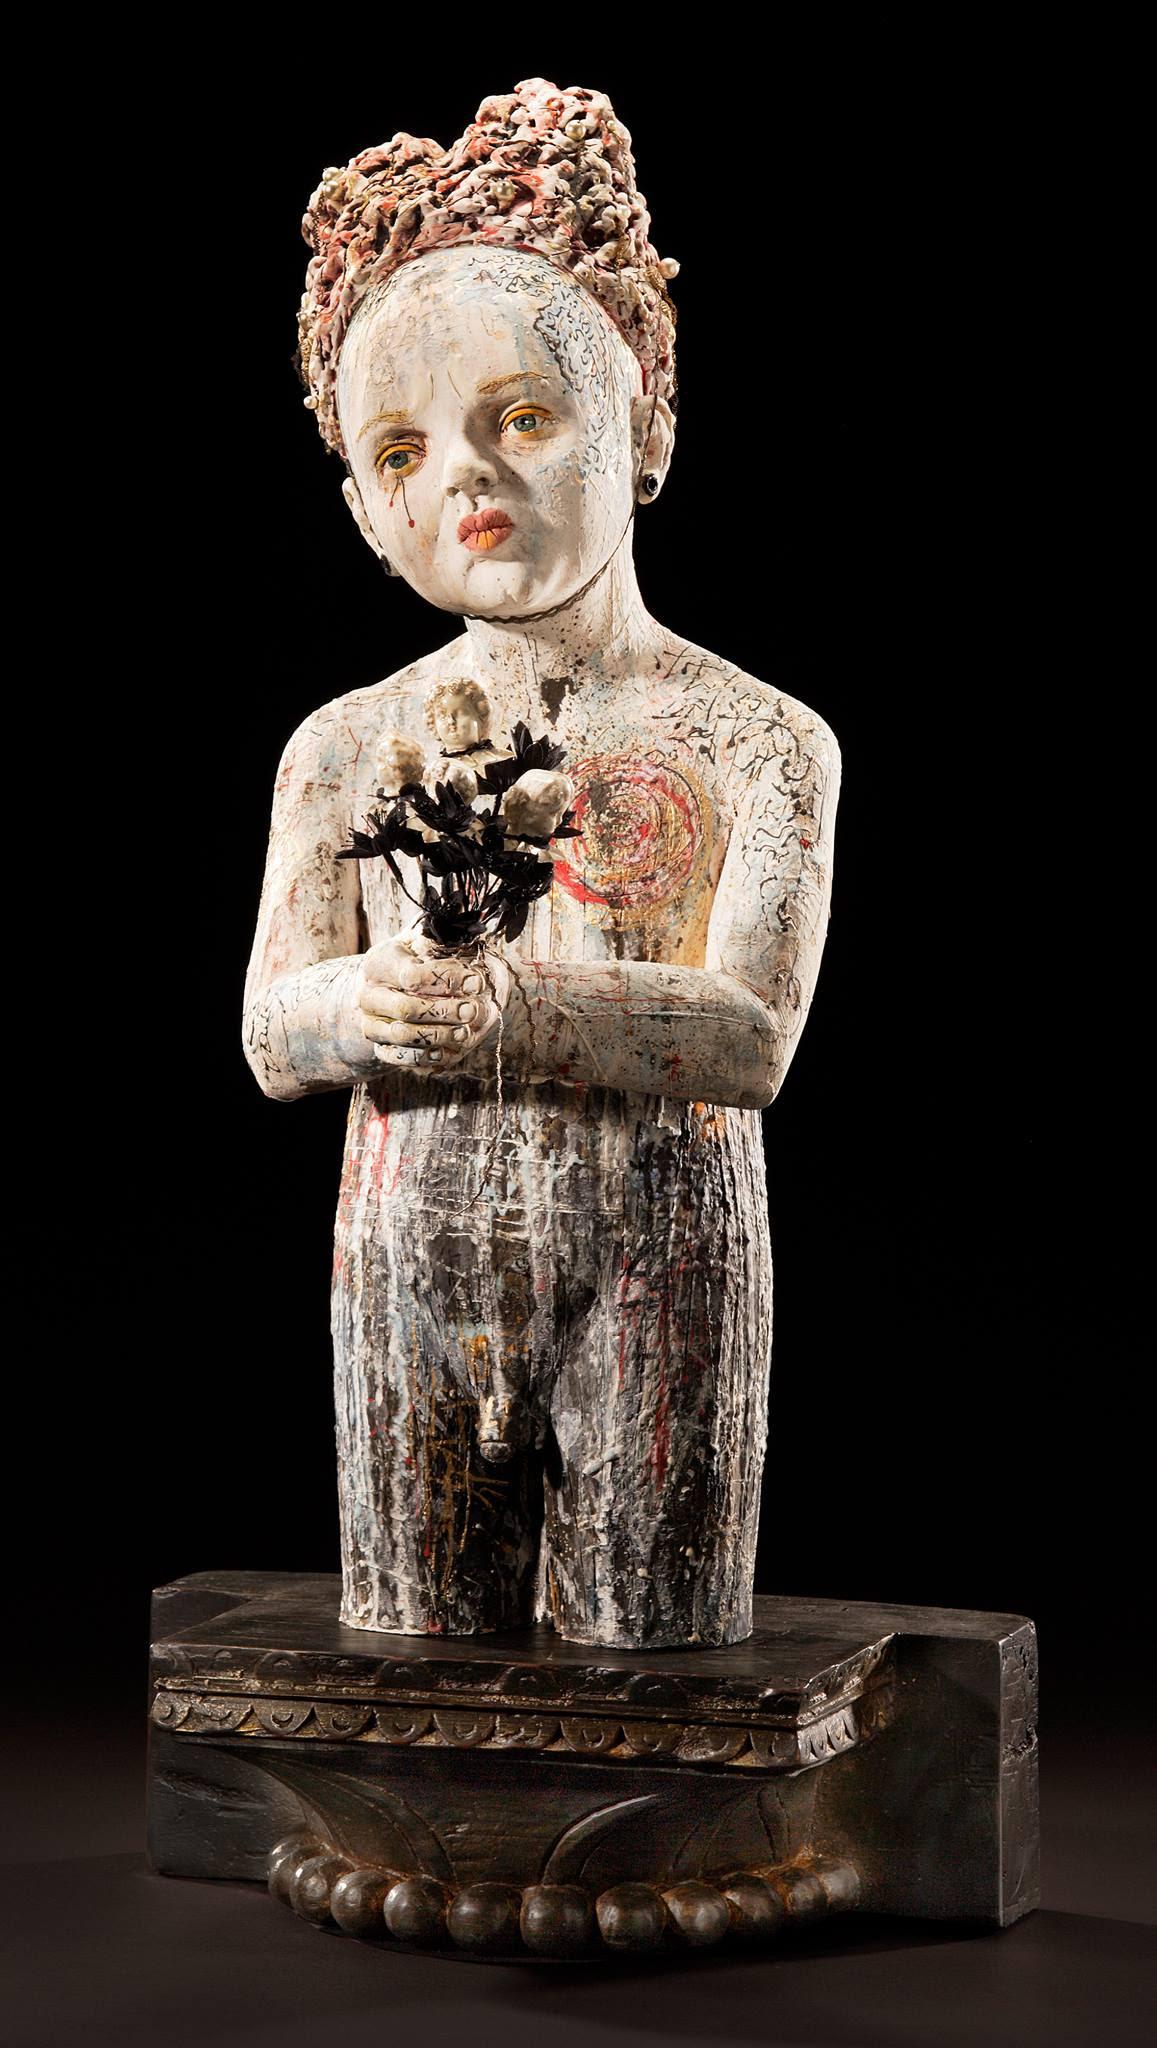 Céramique: sculpture mixte de Kirsten Stingle